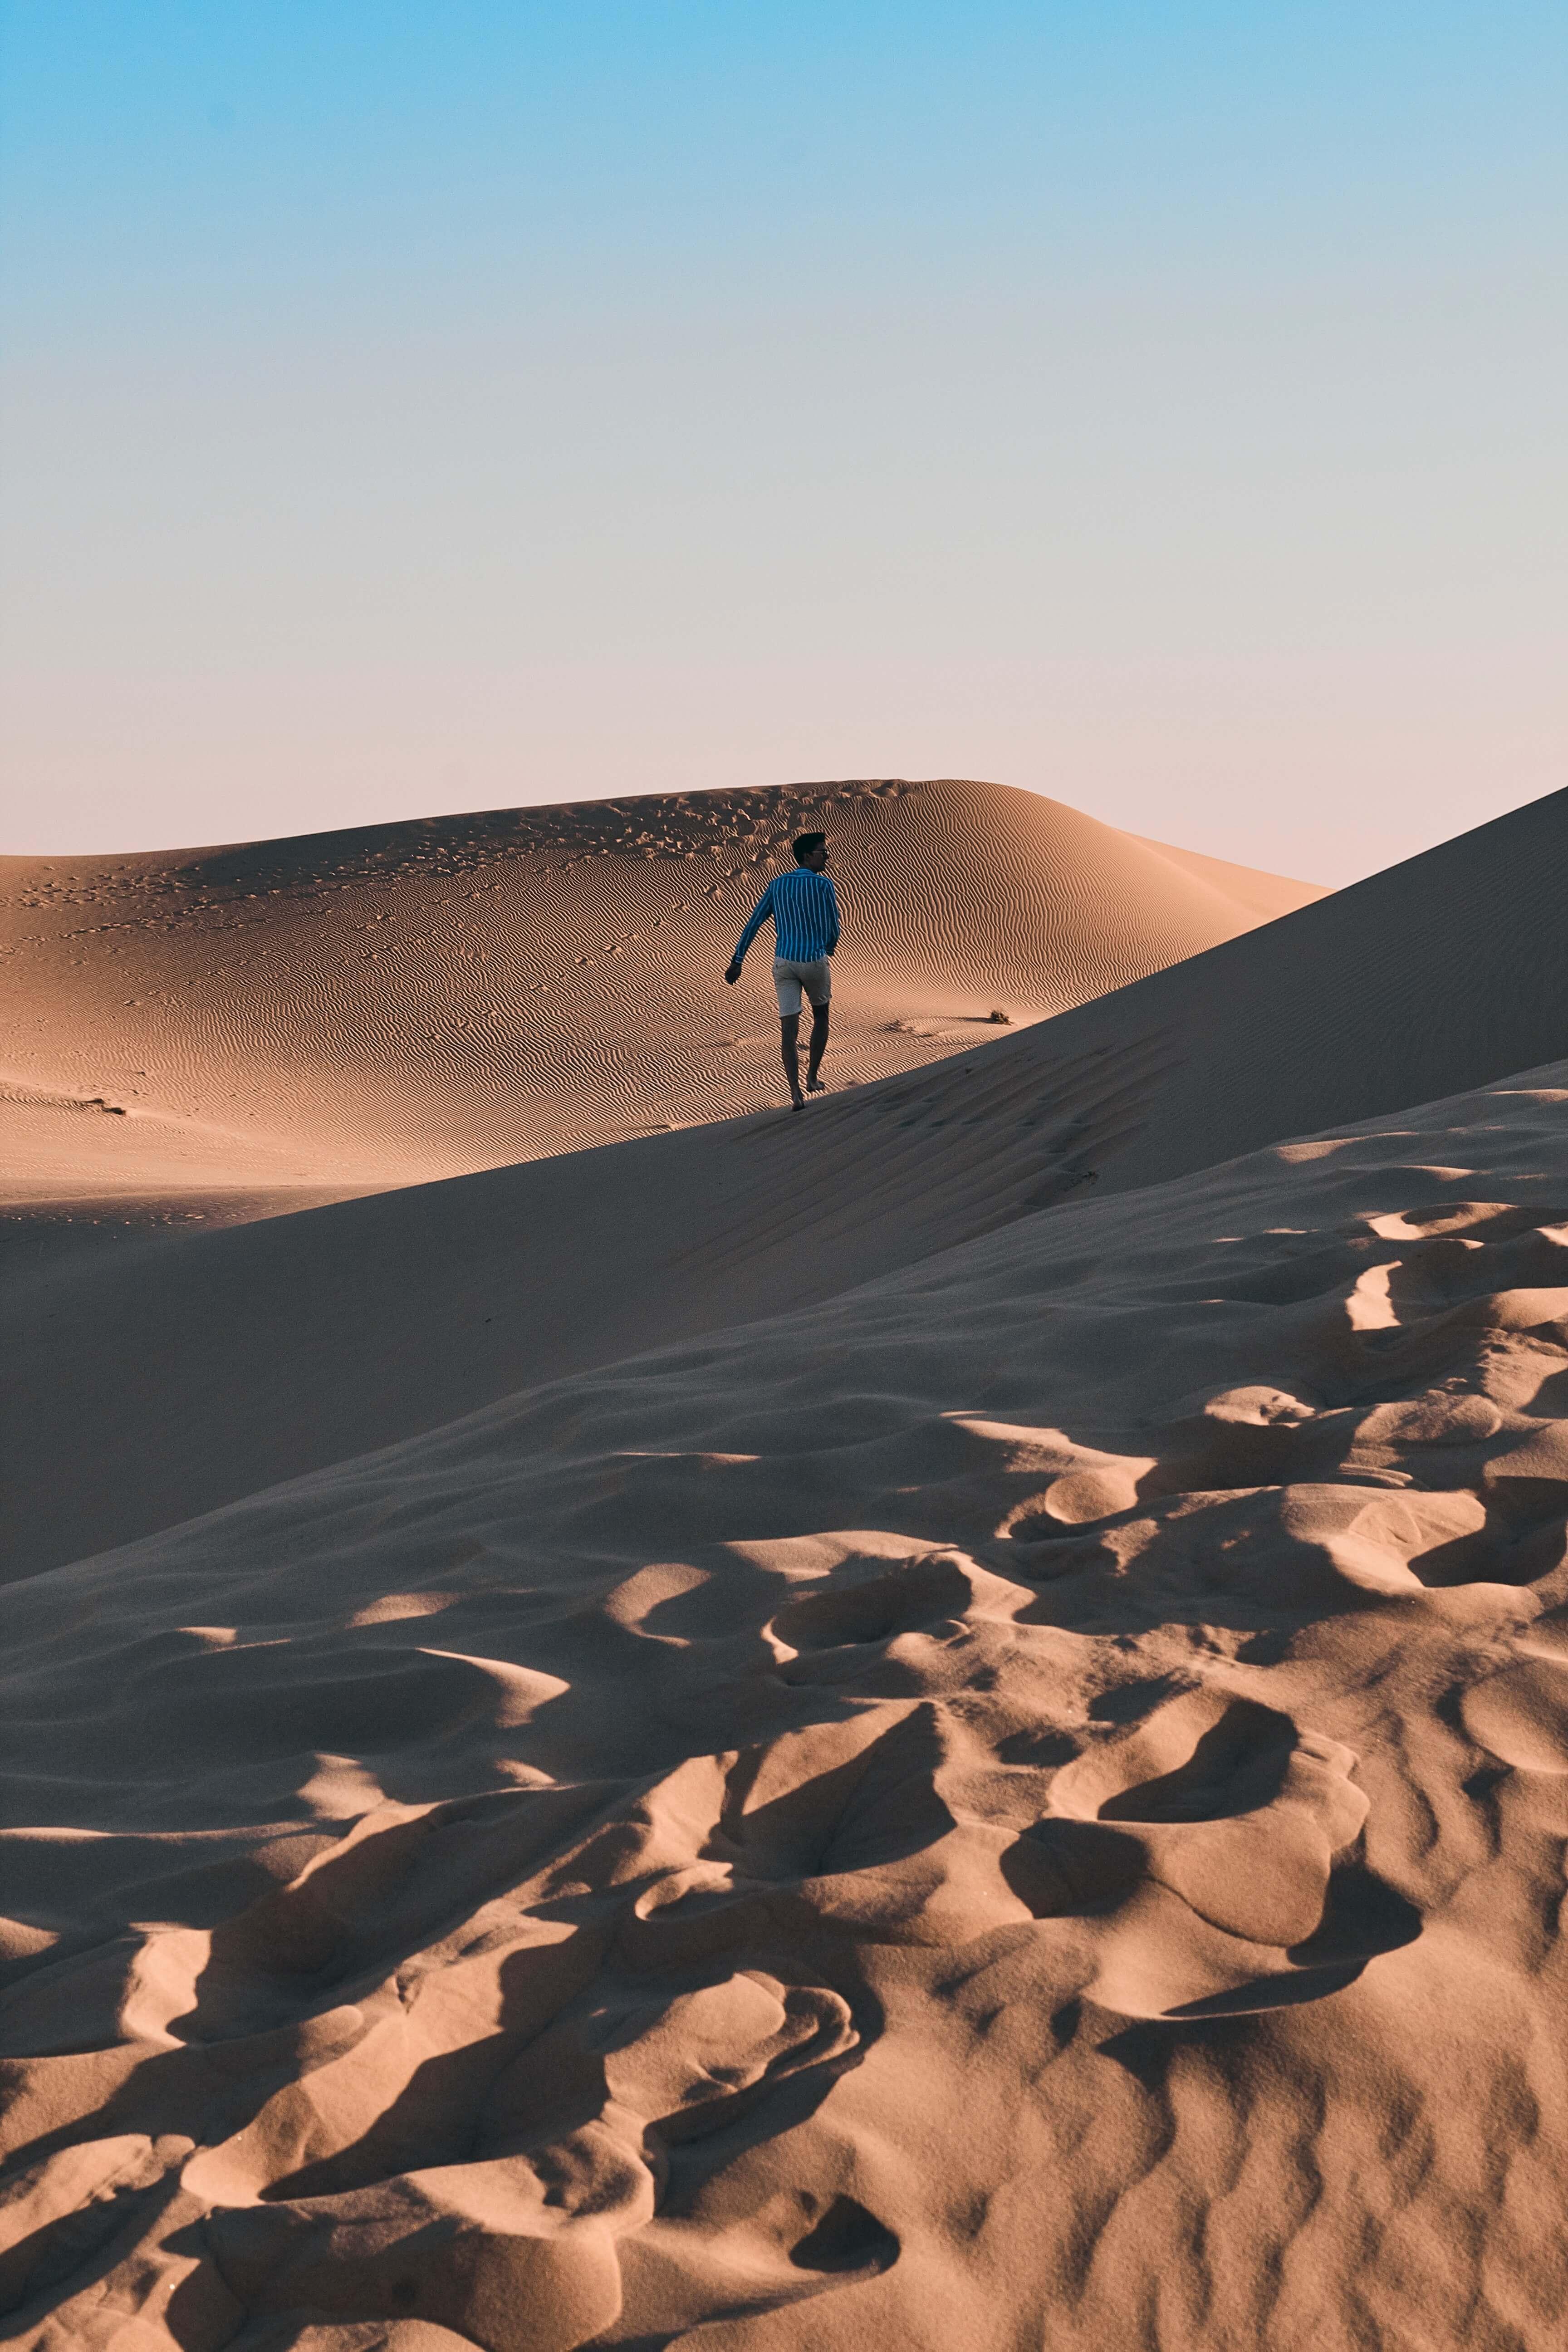 Empty Quarter desert in Abu Dhabi